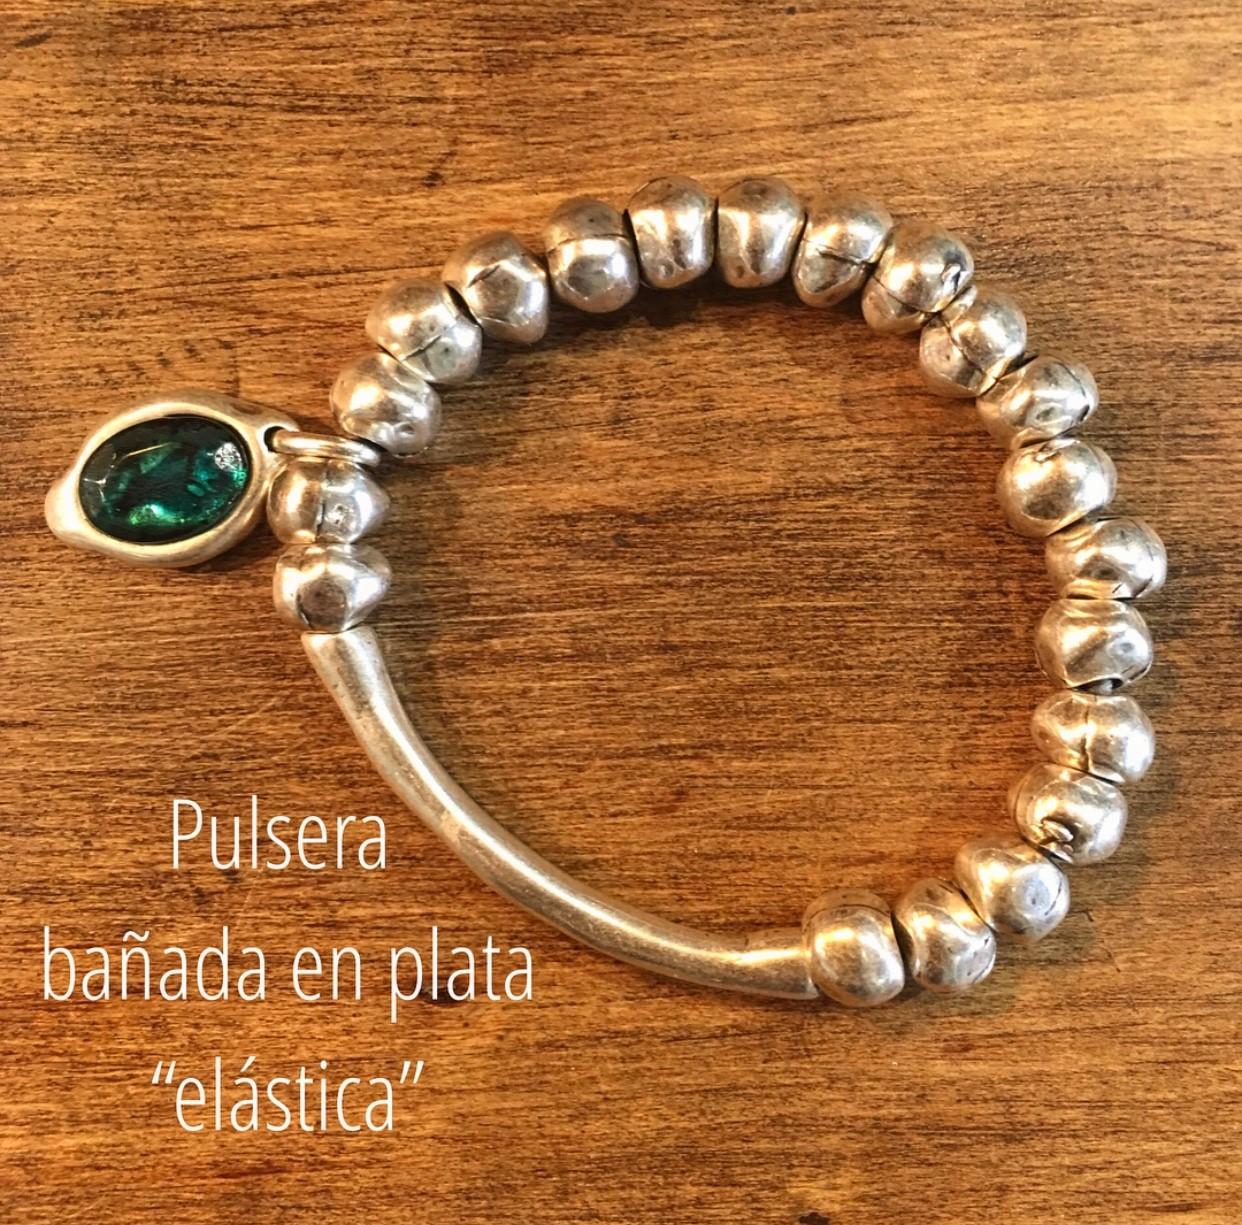 bb15cafe4fa9 Pulsera bañada en plata con detalle de charm con resina verde ...